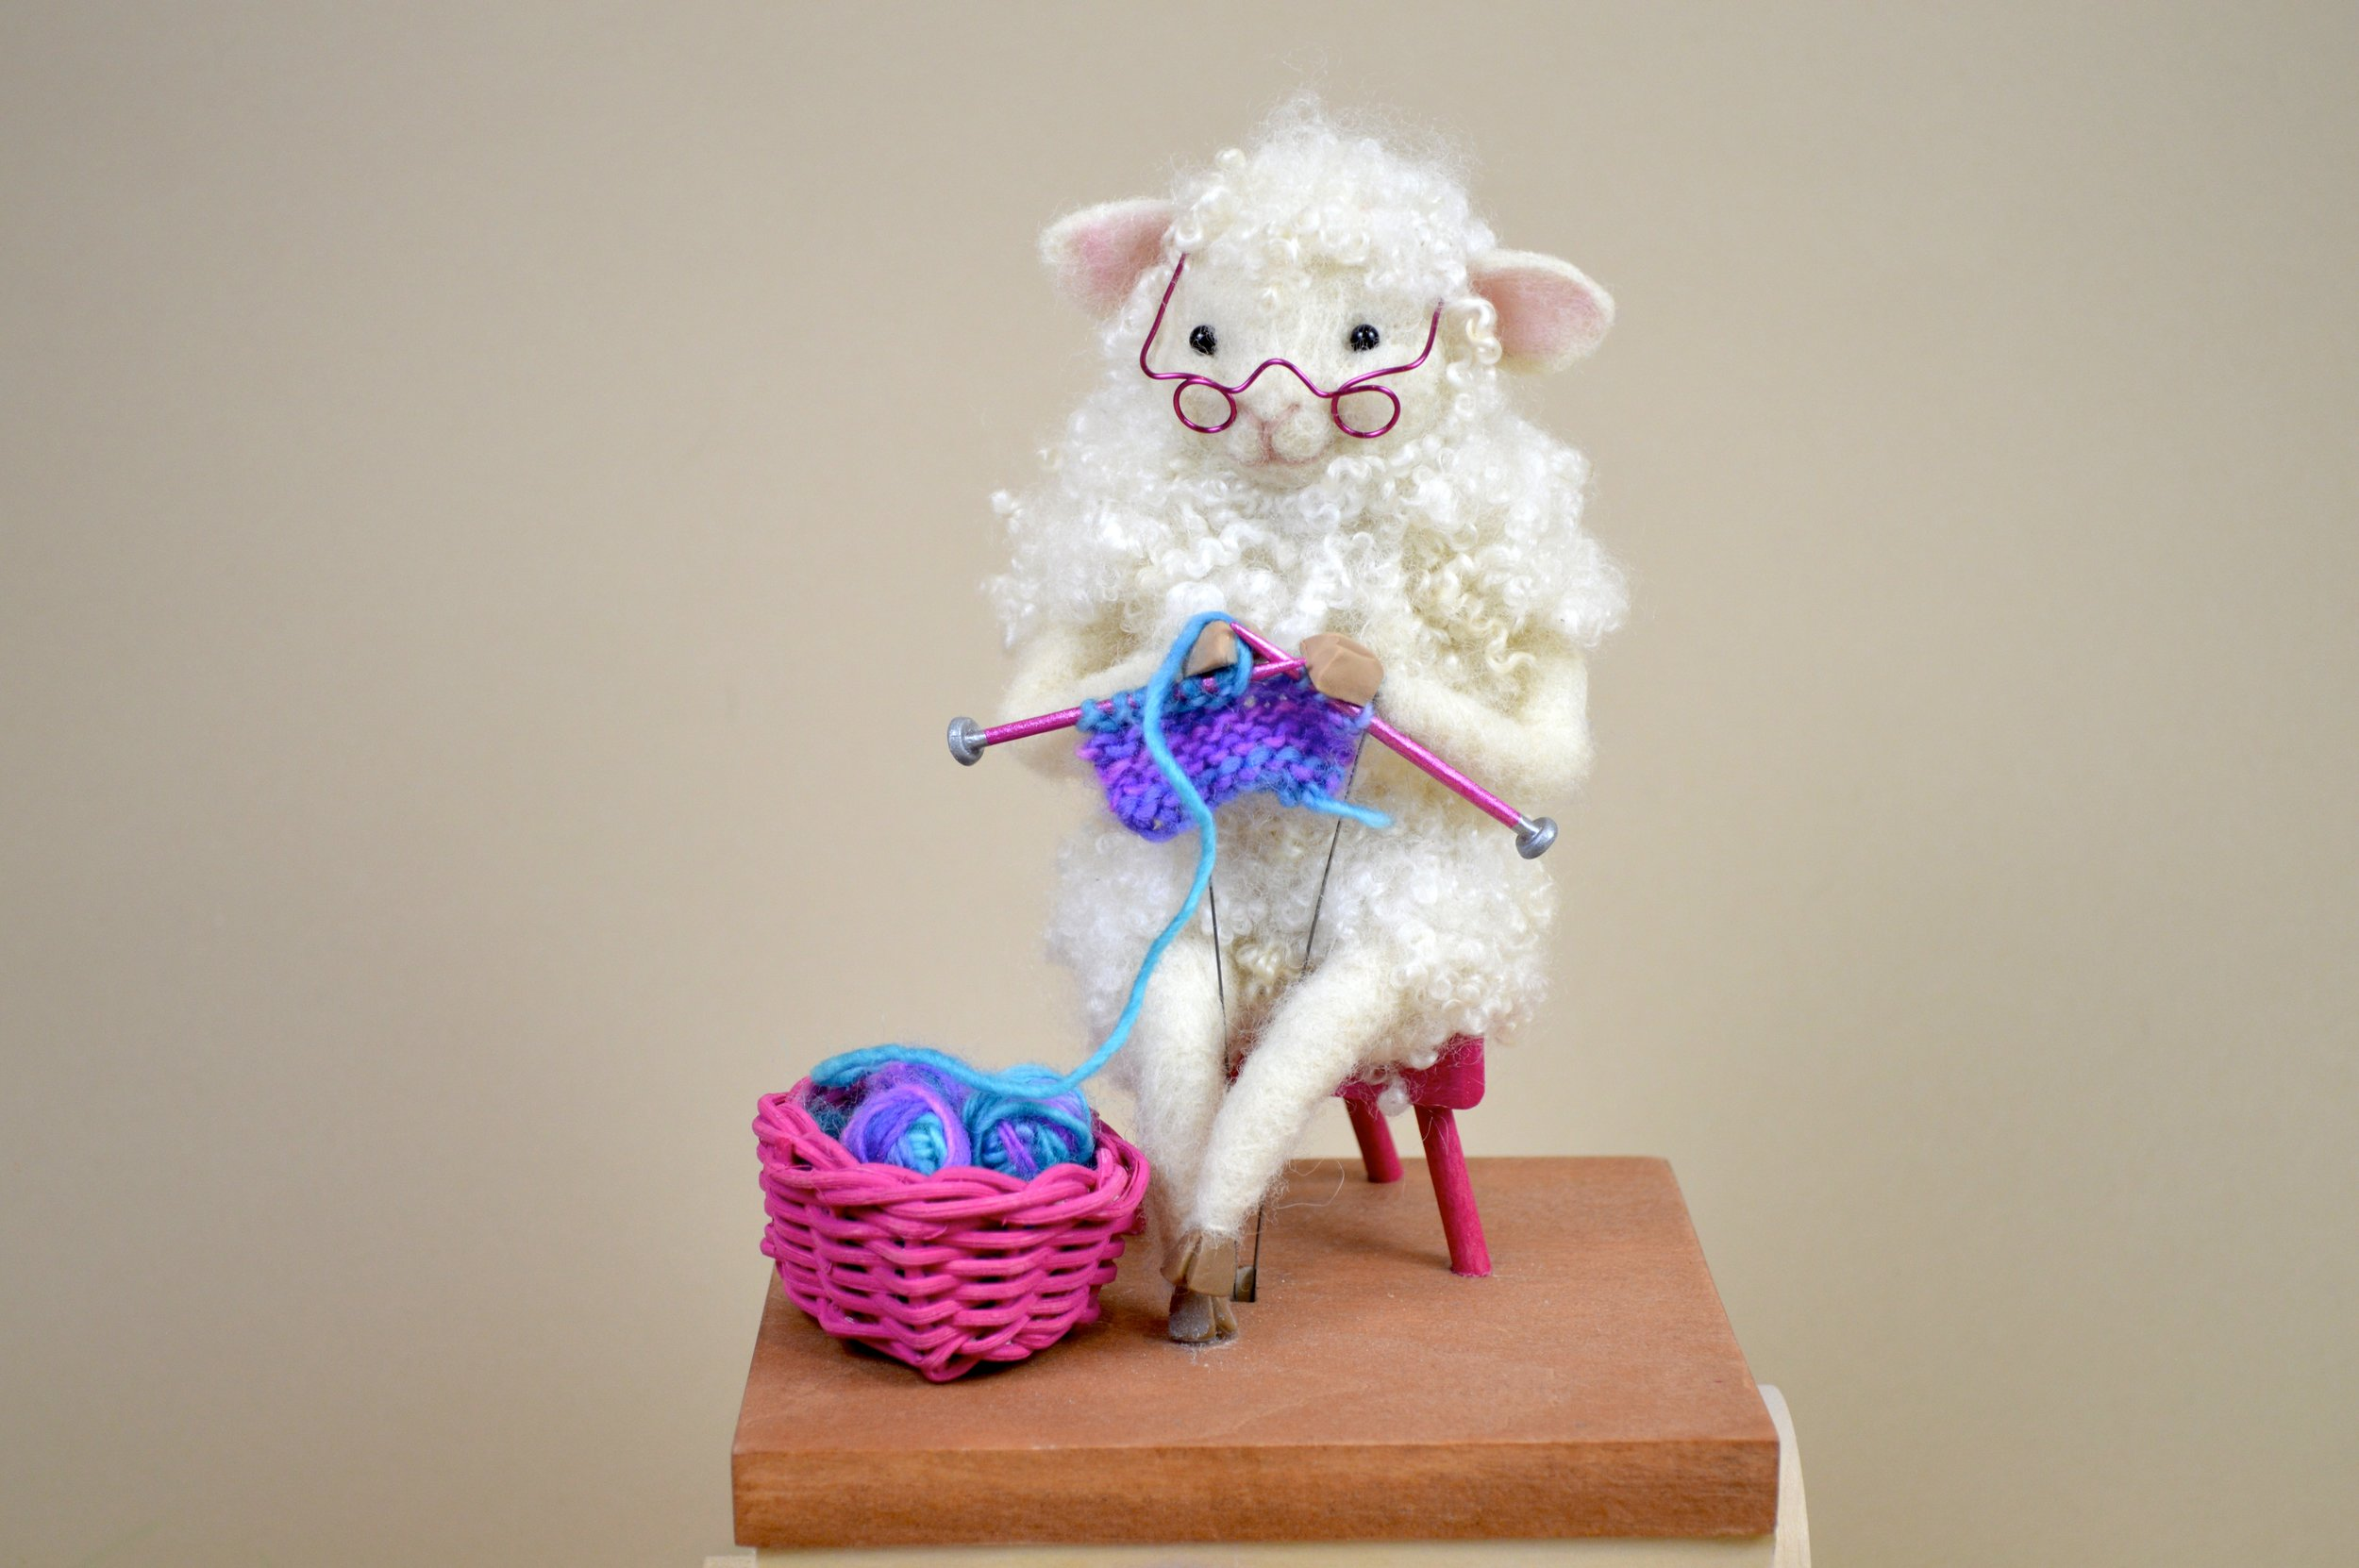 Knitting Sheep Close-Up.JPG